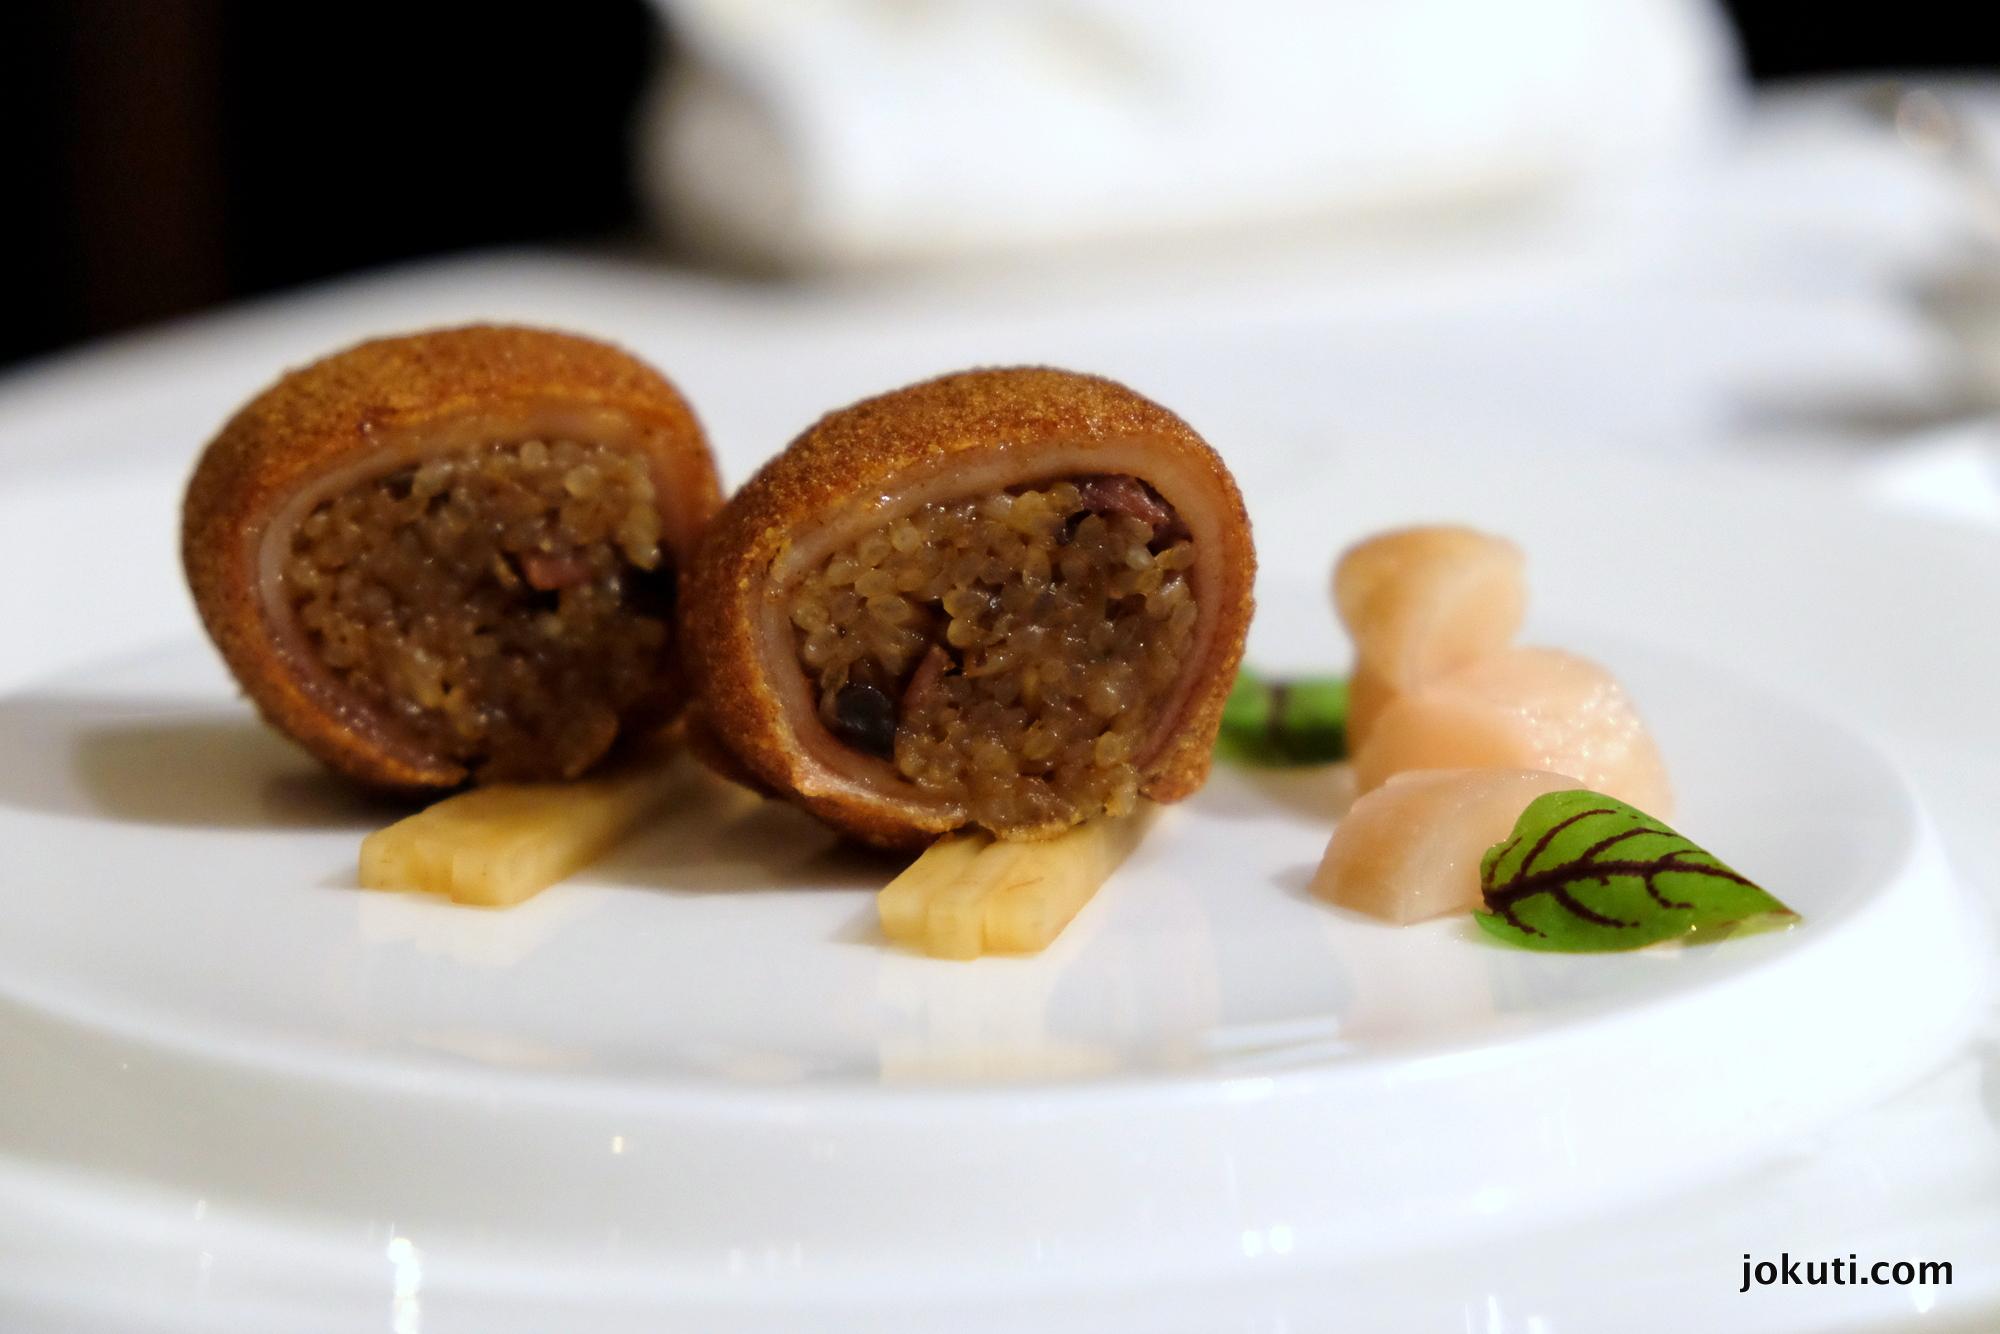 dscf6930_jade_dragon_restaurant_cantonese_chinese_michelin_macau_makao_china_kinai_vilagevo_jokuti.jpg